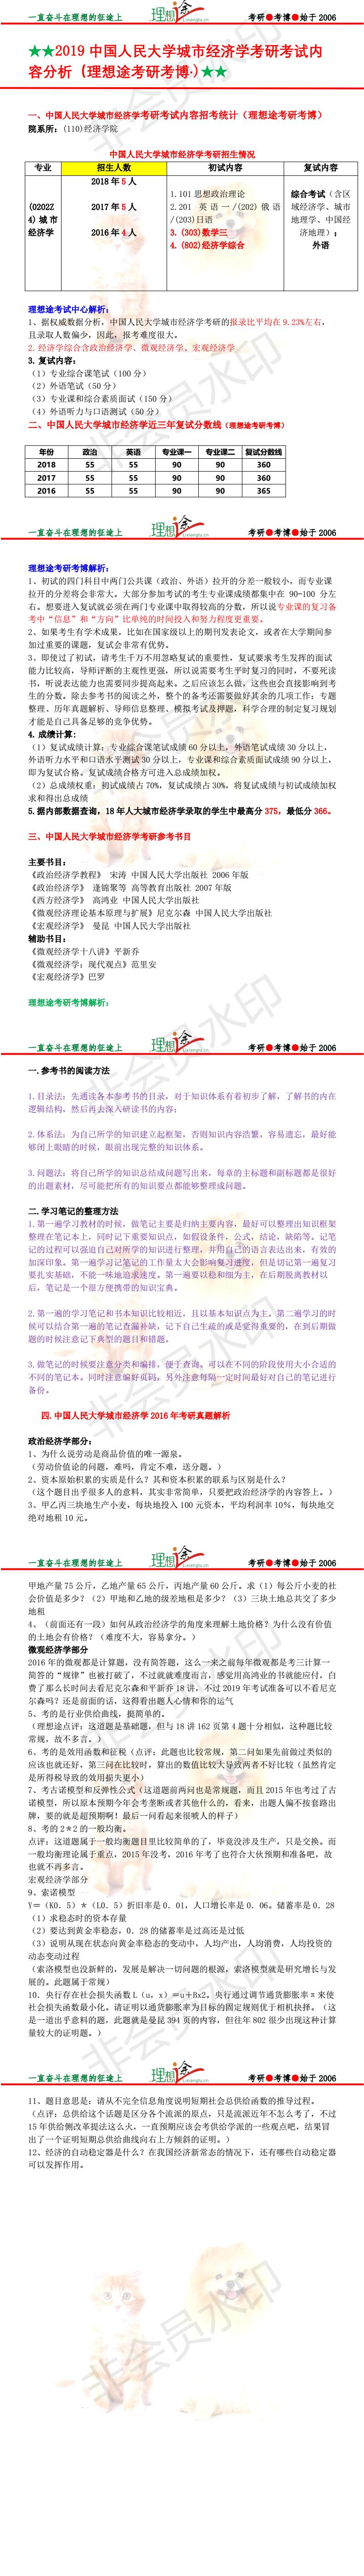 2019年中国城市人口_2019年6月杭州人有希望喝到千岛湖水啦!